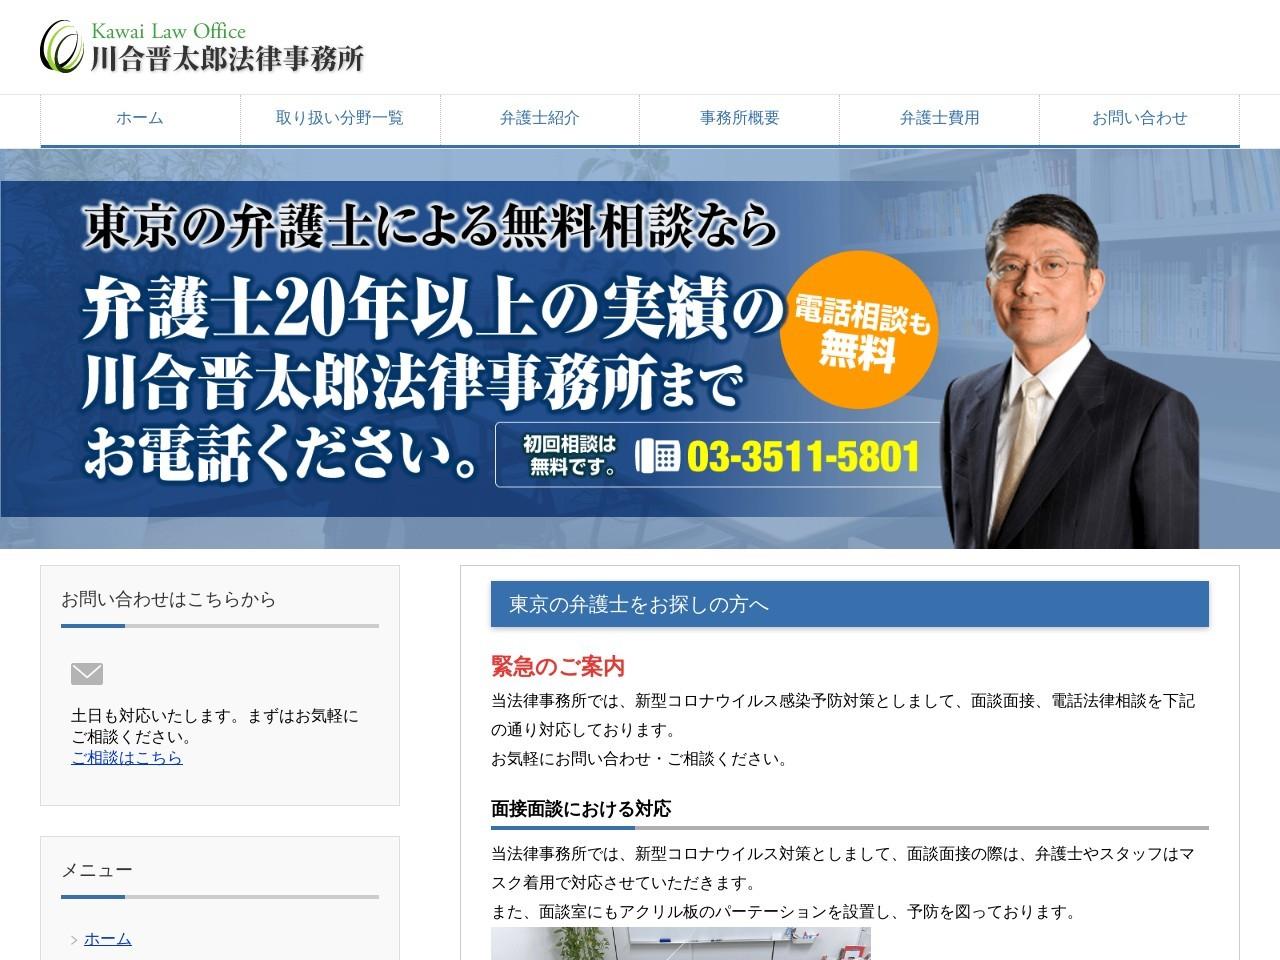 川合晋太郎法律事務所